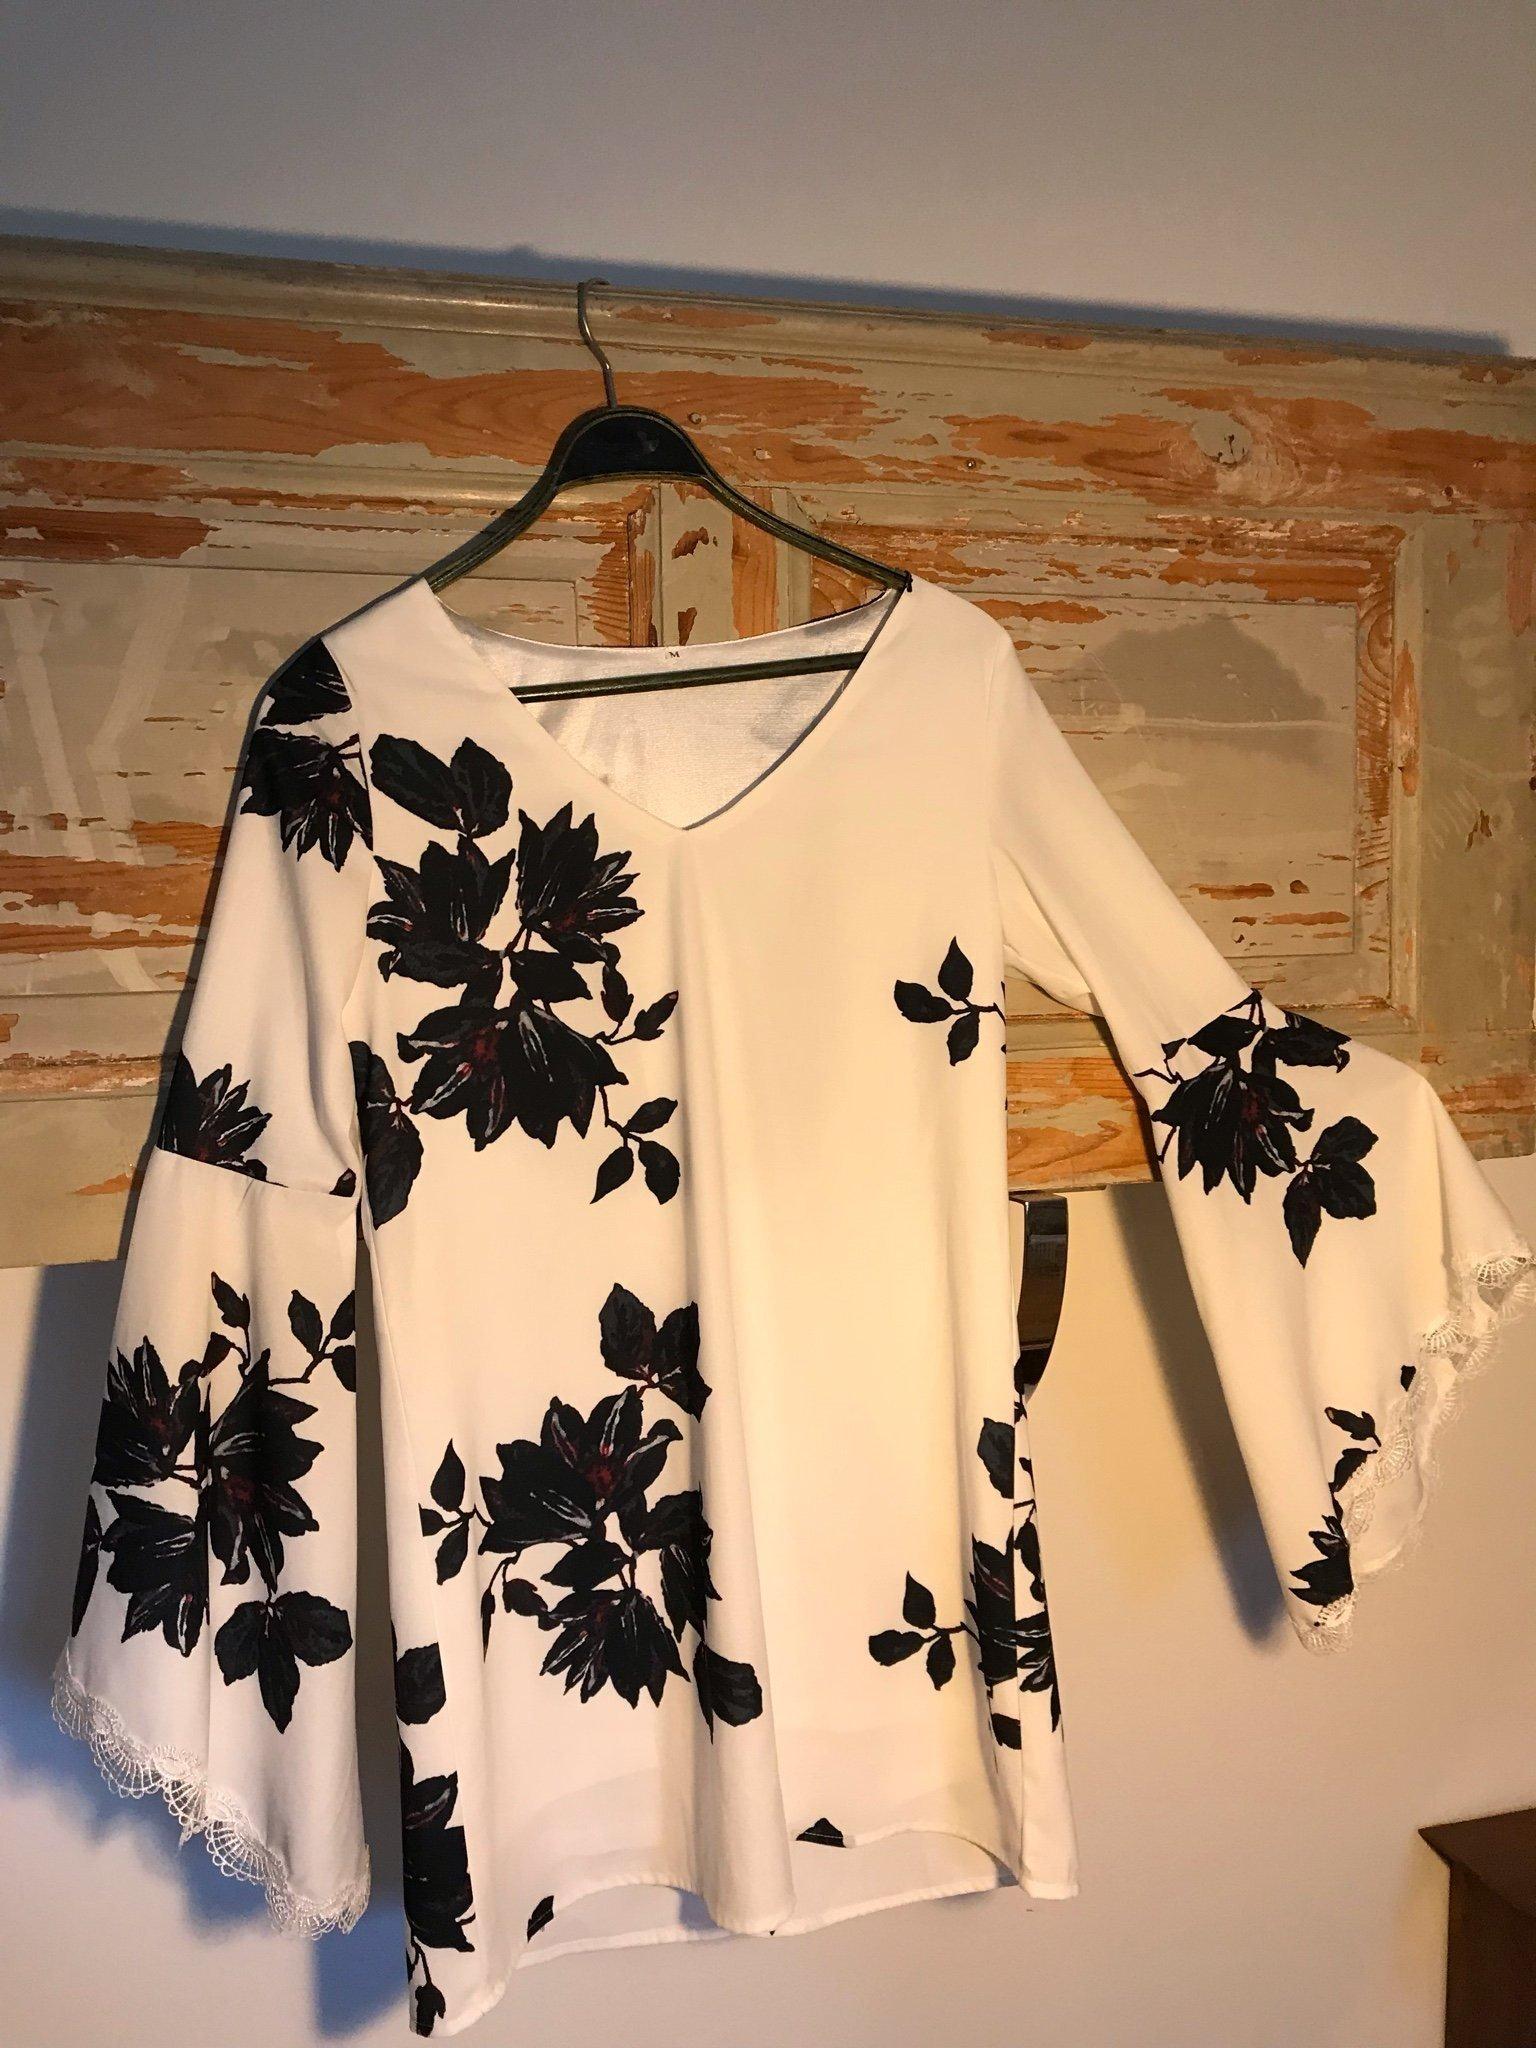 381a1db4a2b0 Klänning vit med stora svarta blommor. Öppna pa.. (347708352) ᐈ Köp ...